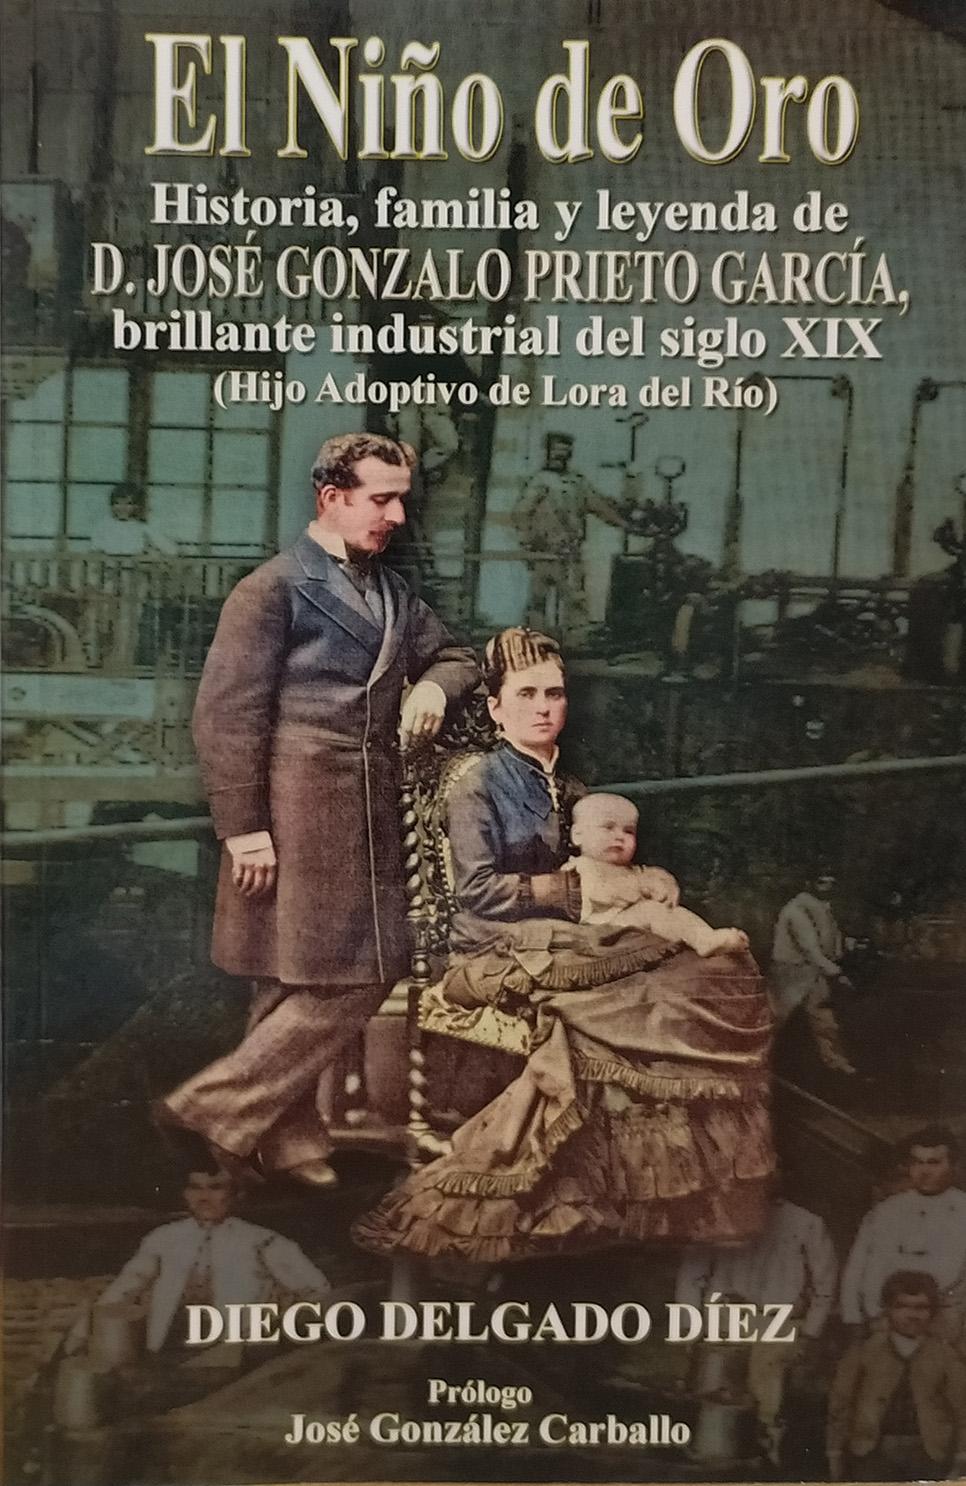 """Diego Delgado Díez: """"Con 'El niño de oro' quiero restituir la memoria de un próspero industrial del s. XIX"""""""